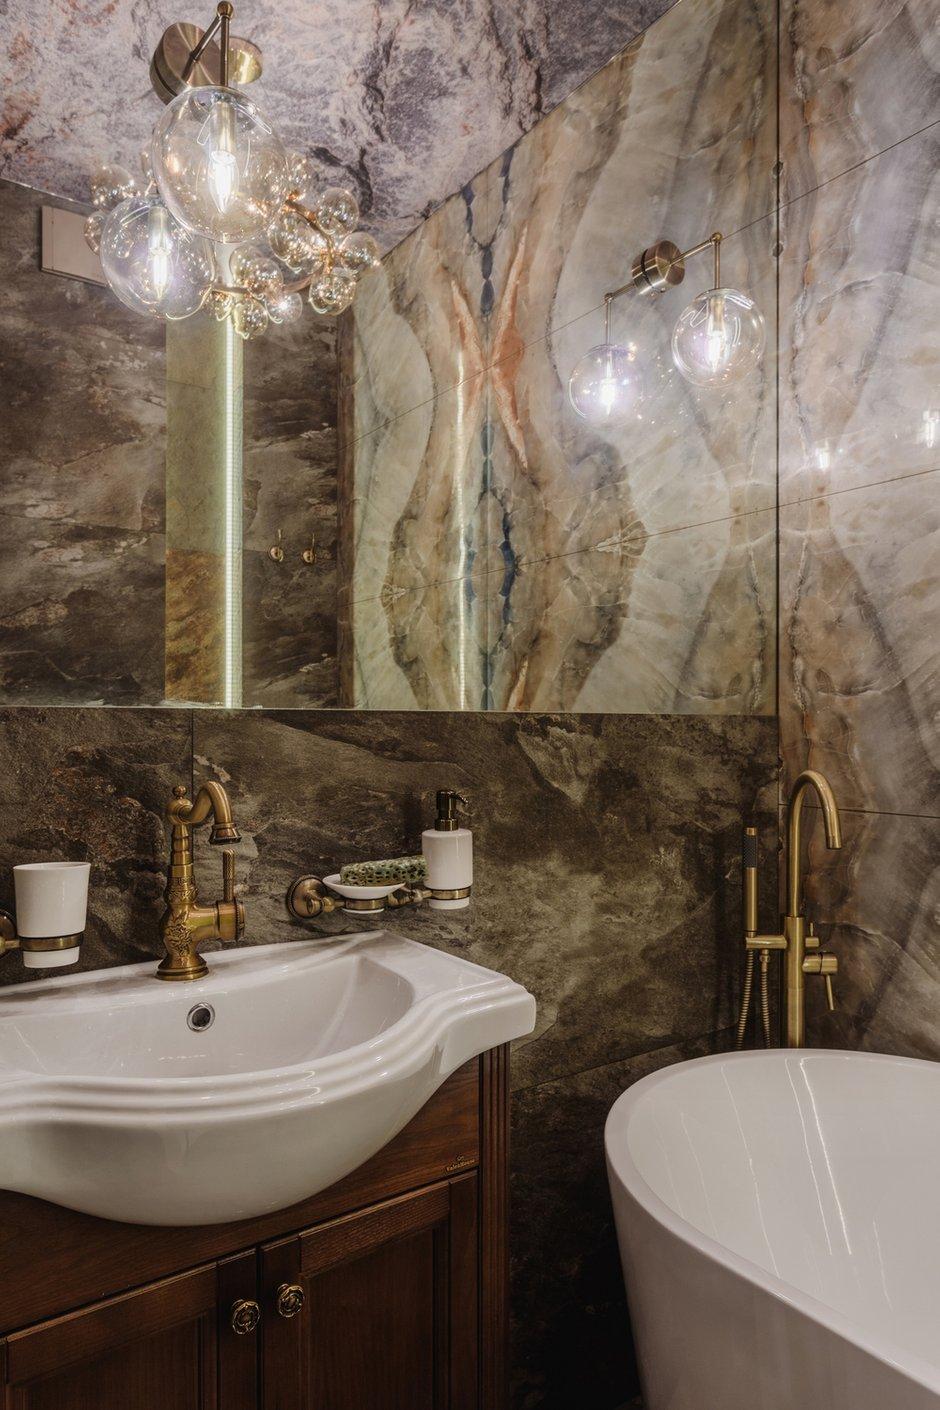 Фотография: Ванная в стиле Современный, Квартира, Проект недели, Samsung, 3 комнаты, 40-60 метров, интерьерный телевизор, the serif, Оксана Нечаева – фото на INMYROOM